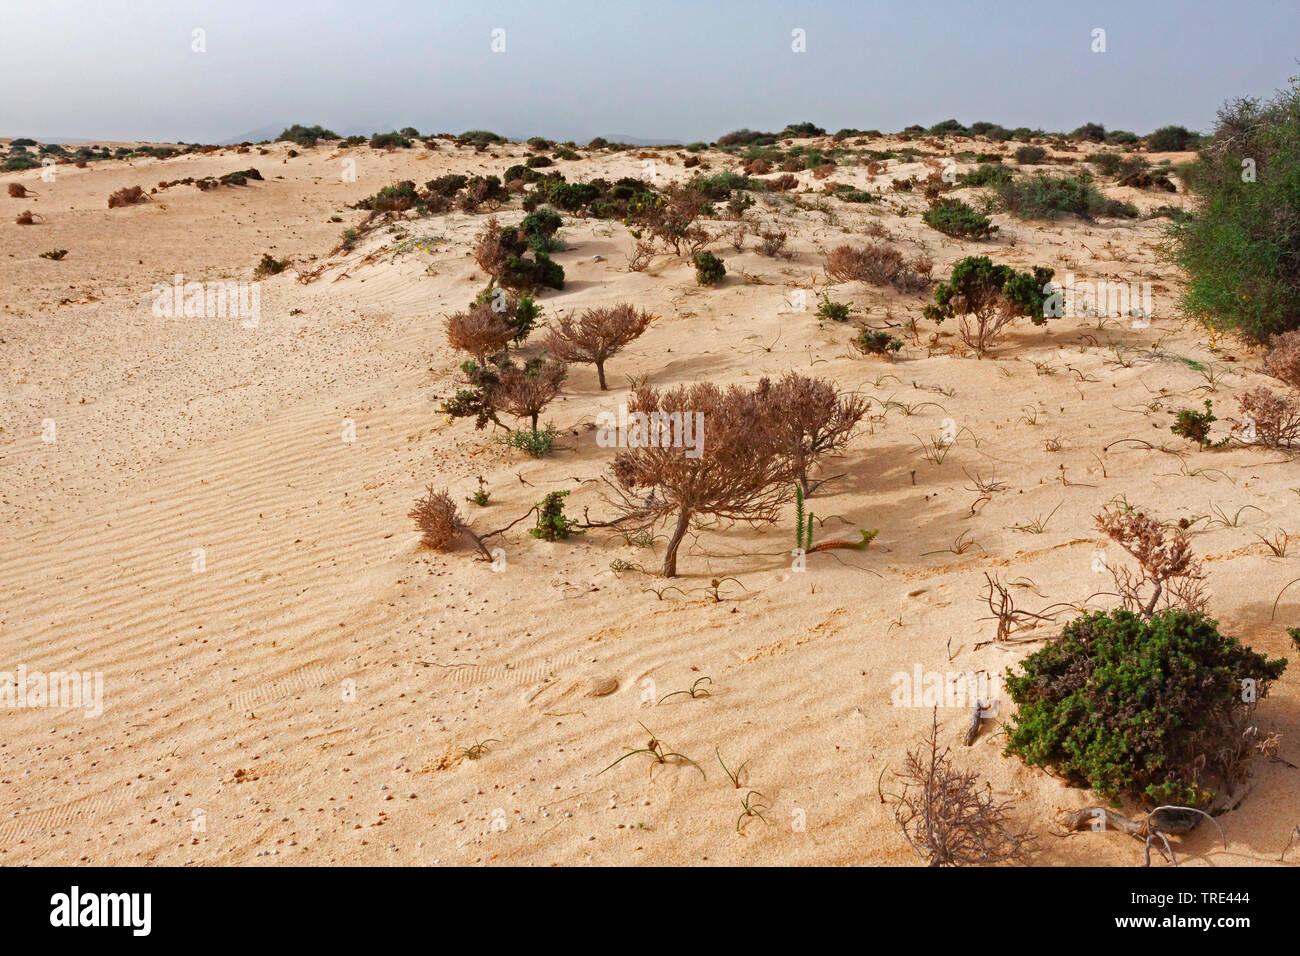 Duenen im Wuestengebiet von Fuerteventura, Kanaren, Fuerteventura   dunes in the desert of Fuerteventura, Canary Islands, Fuerteventura   BLWS516760.j - Stock Image